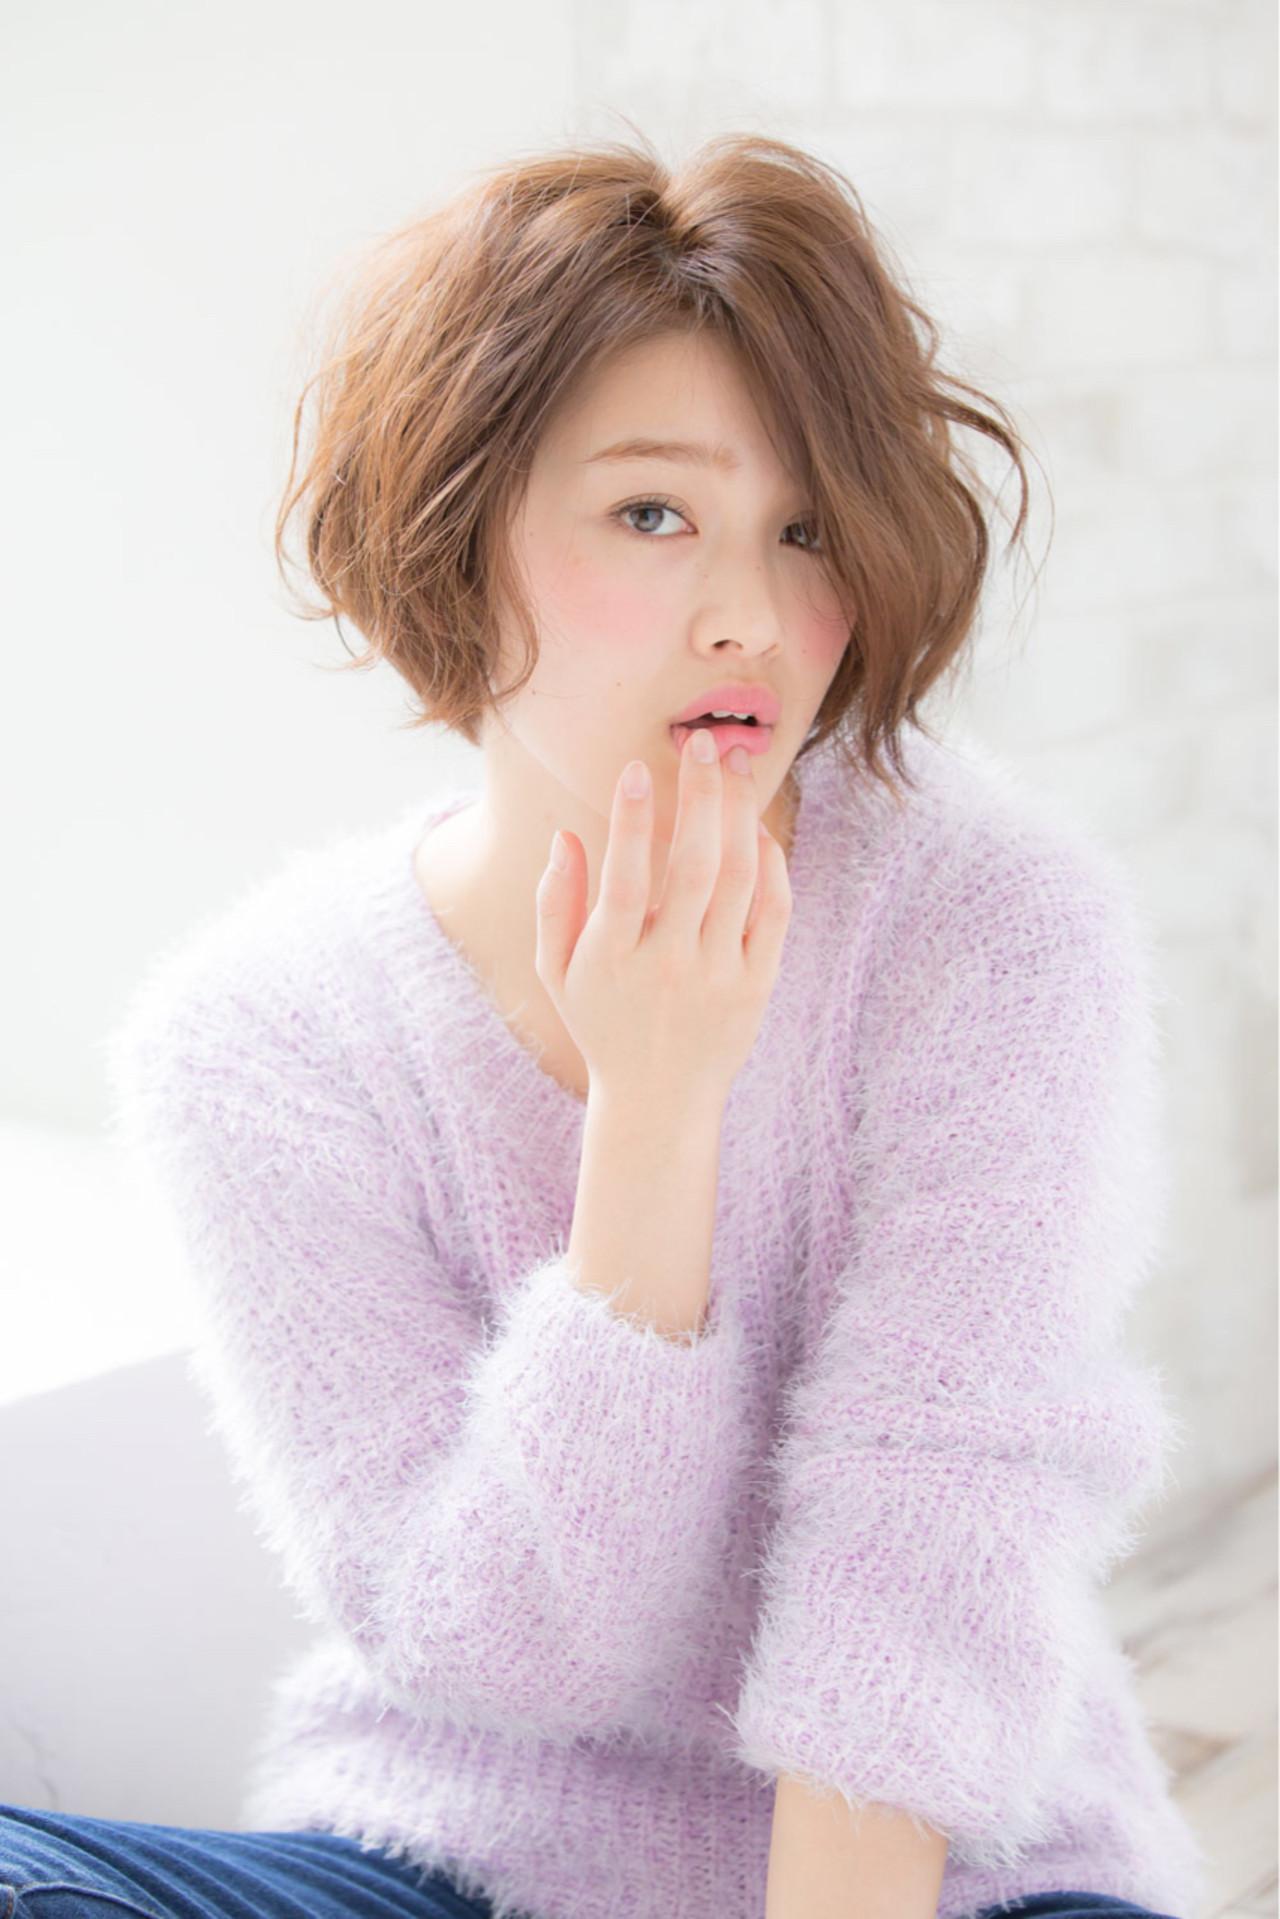 簡単 パーマ 似合わせ ショート ヘアスタイルや髪型の写真・画像 | 赤井希望 / joemibyUnami